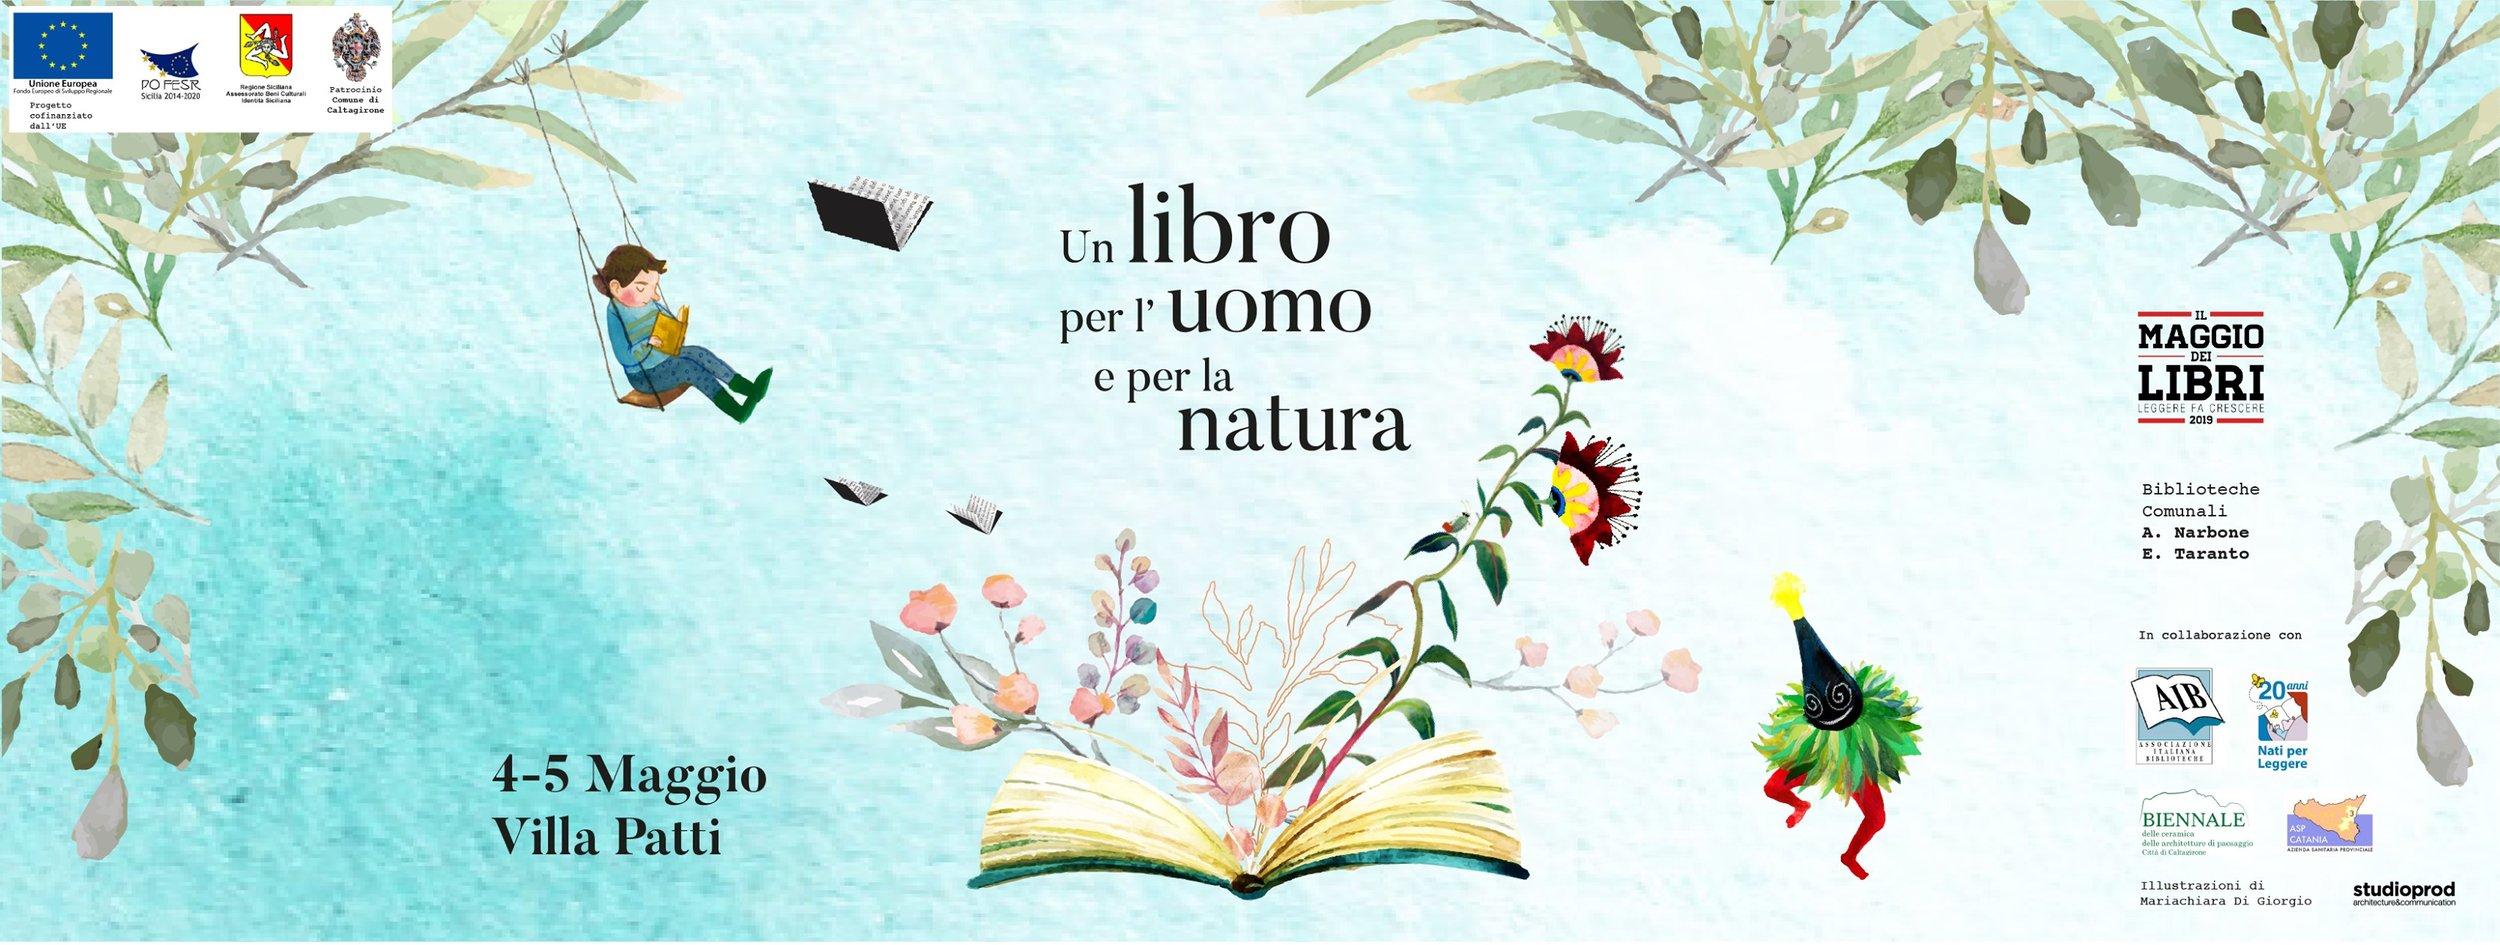 un libro per l'uomo e per la natura.jpg